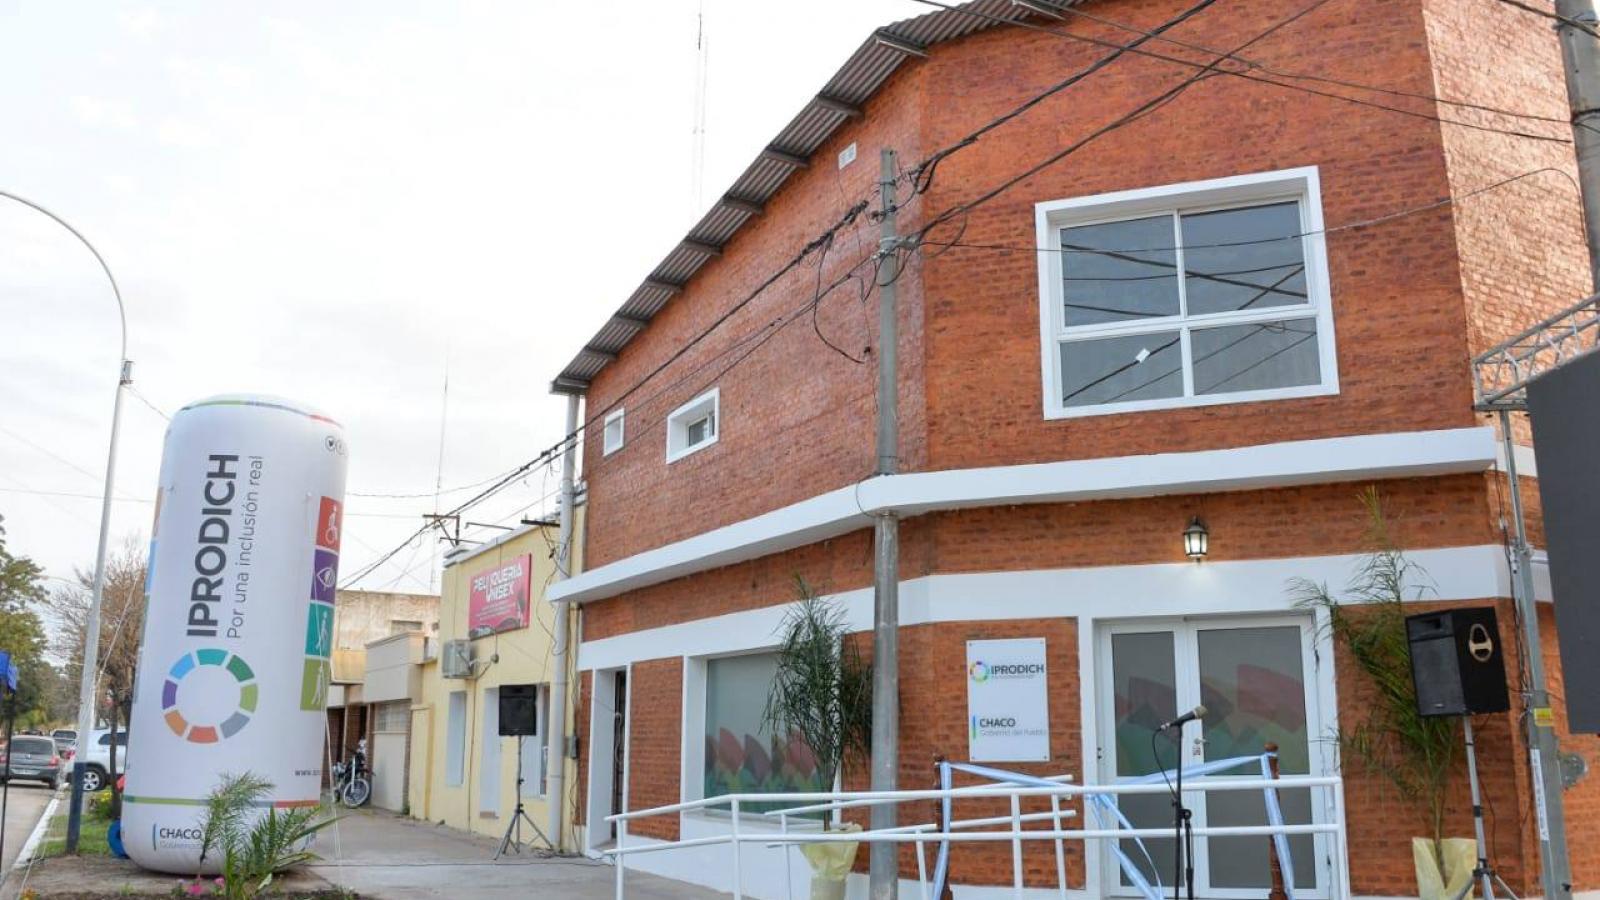 PEPPO INAUGURÓ EL NUEVO ESPACIO INSTITUCIONAL DE IPRODICH EN VILLA ÁNGELA